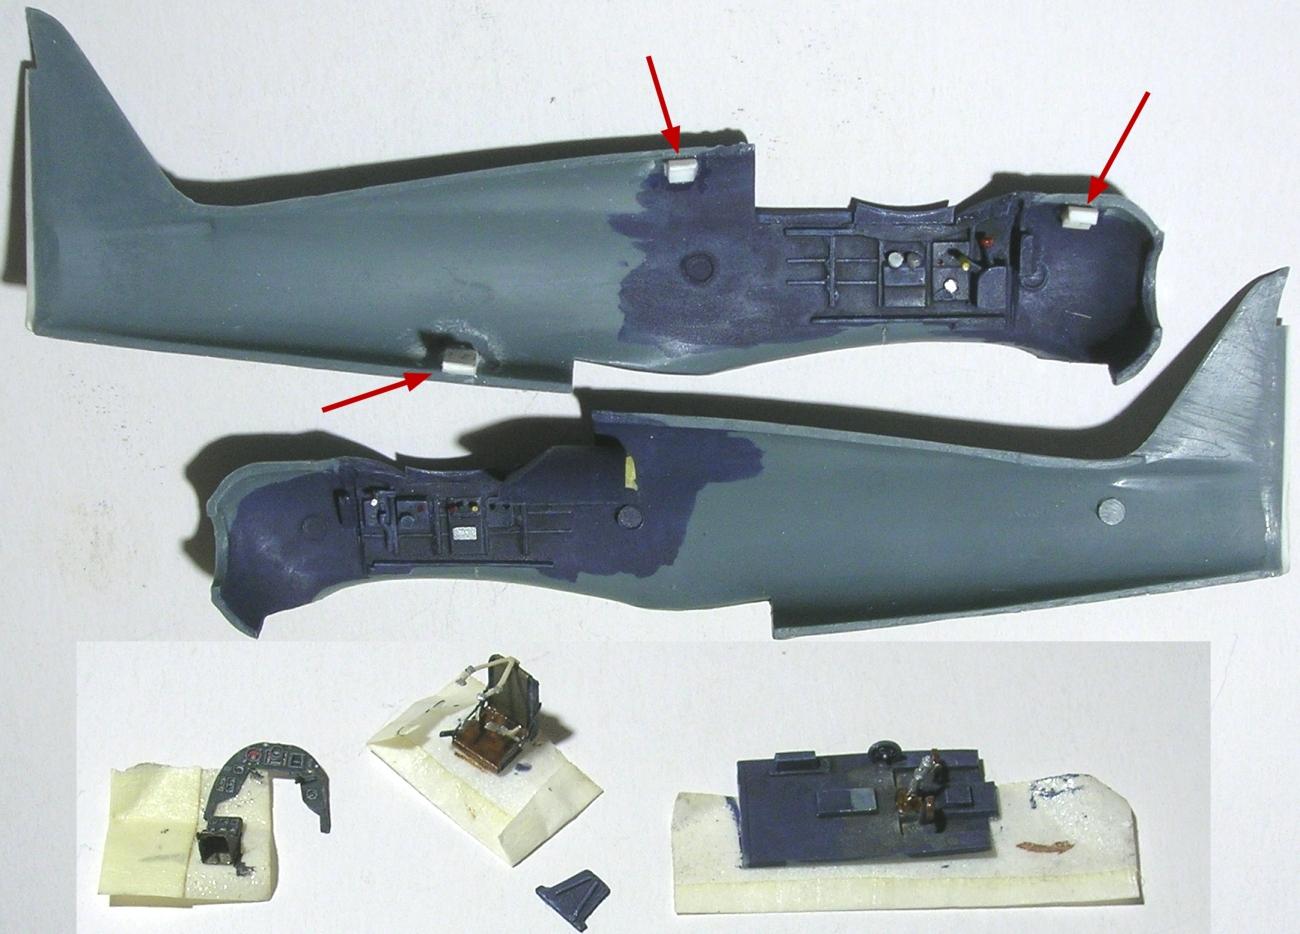 montage: Bloch MB152 Armée de l'Air [RS Models, Brengun, Falcon 1/72] - Page 2 Monta172